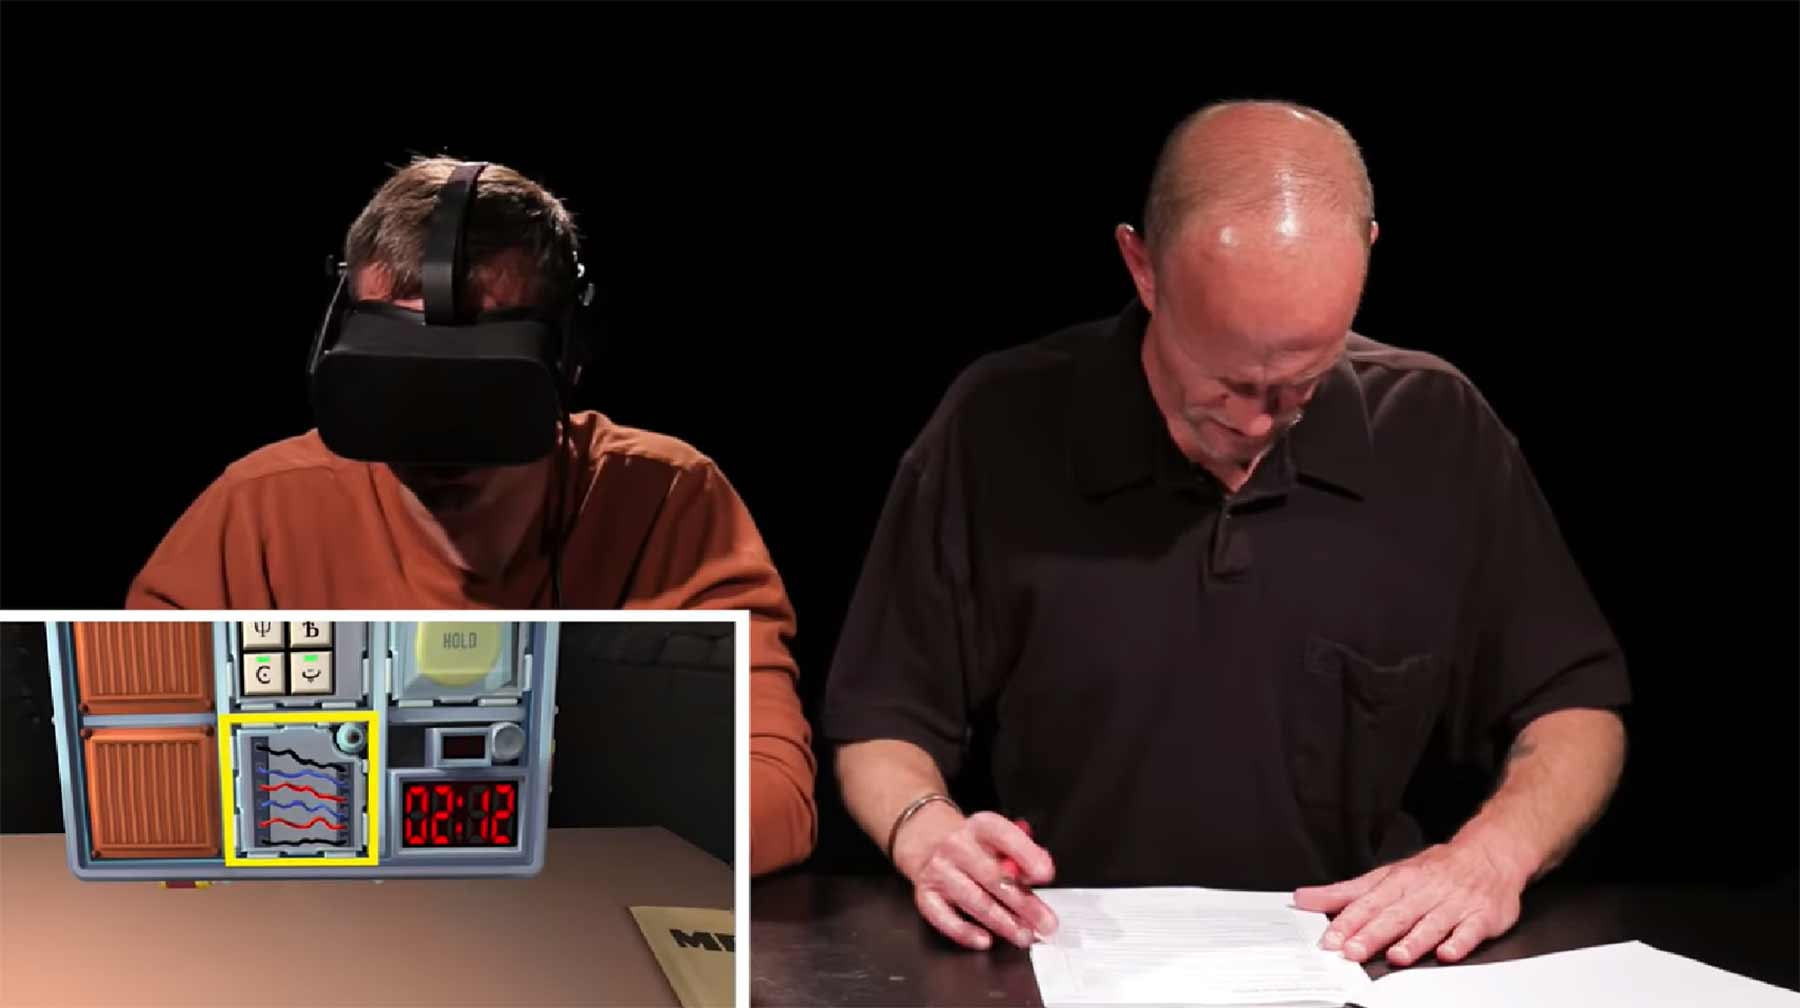 Bomben-Experten spielen Entschärfungs-VR-Spiel